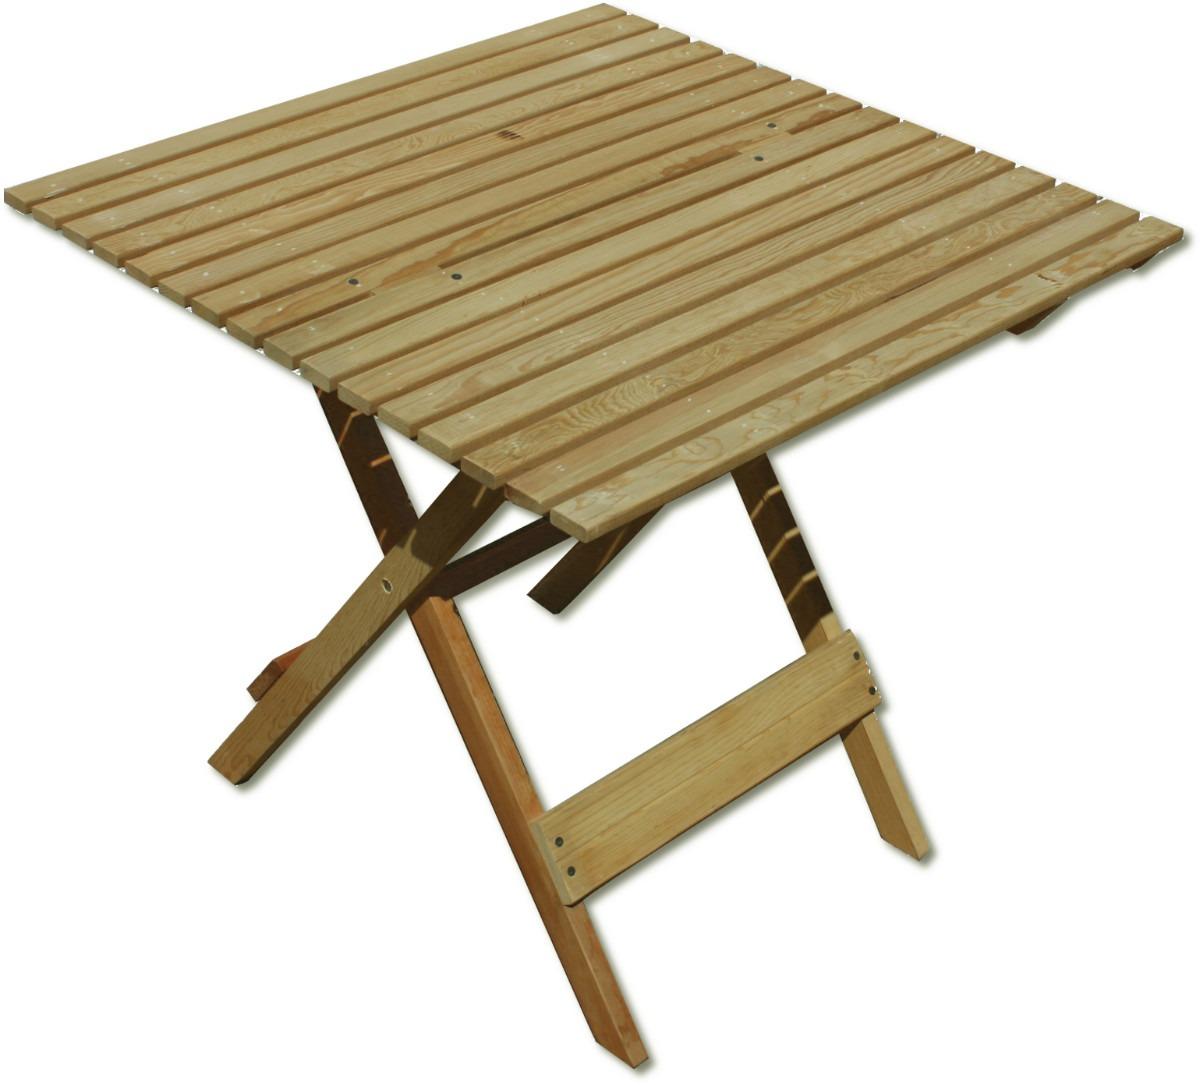 Mesa de jard n mueble plegable madera jardin o interiores - Mesas de madera de jardin ...